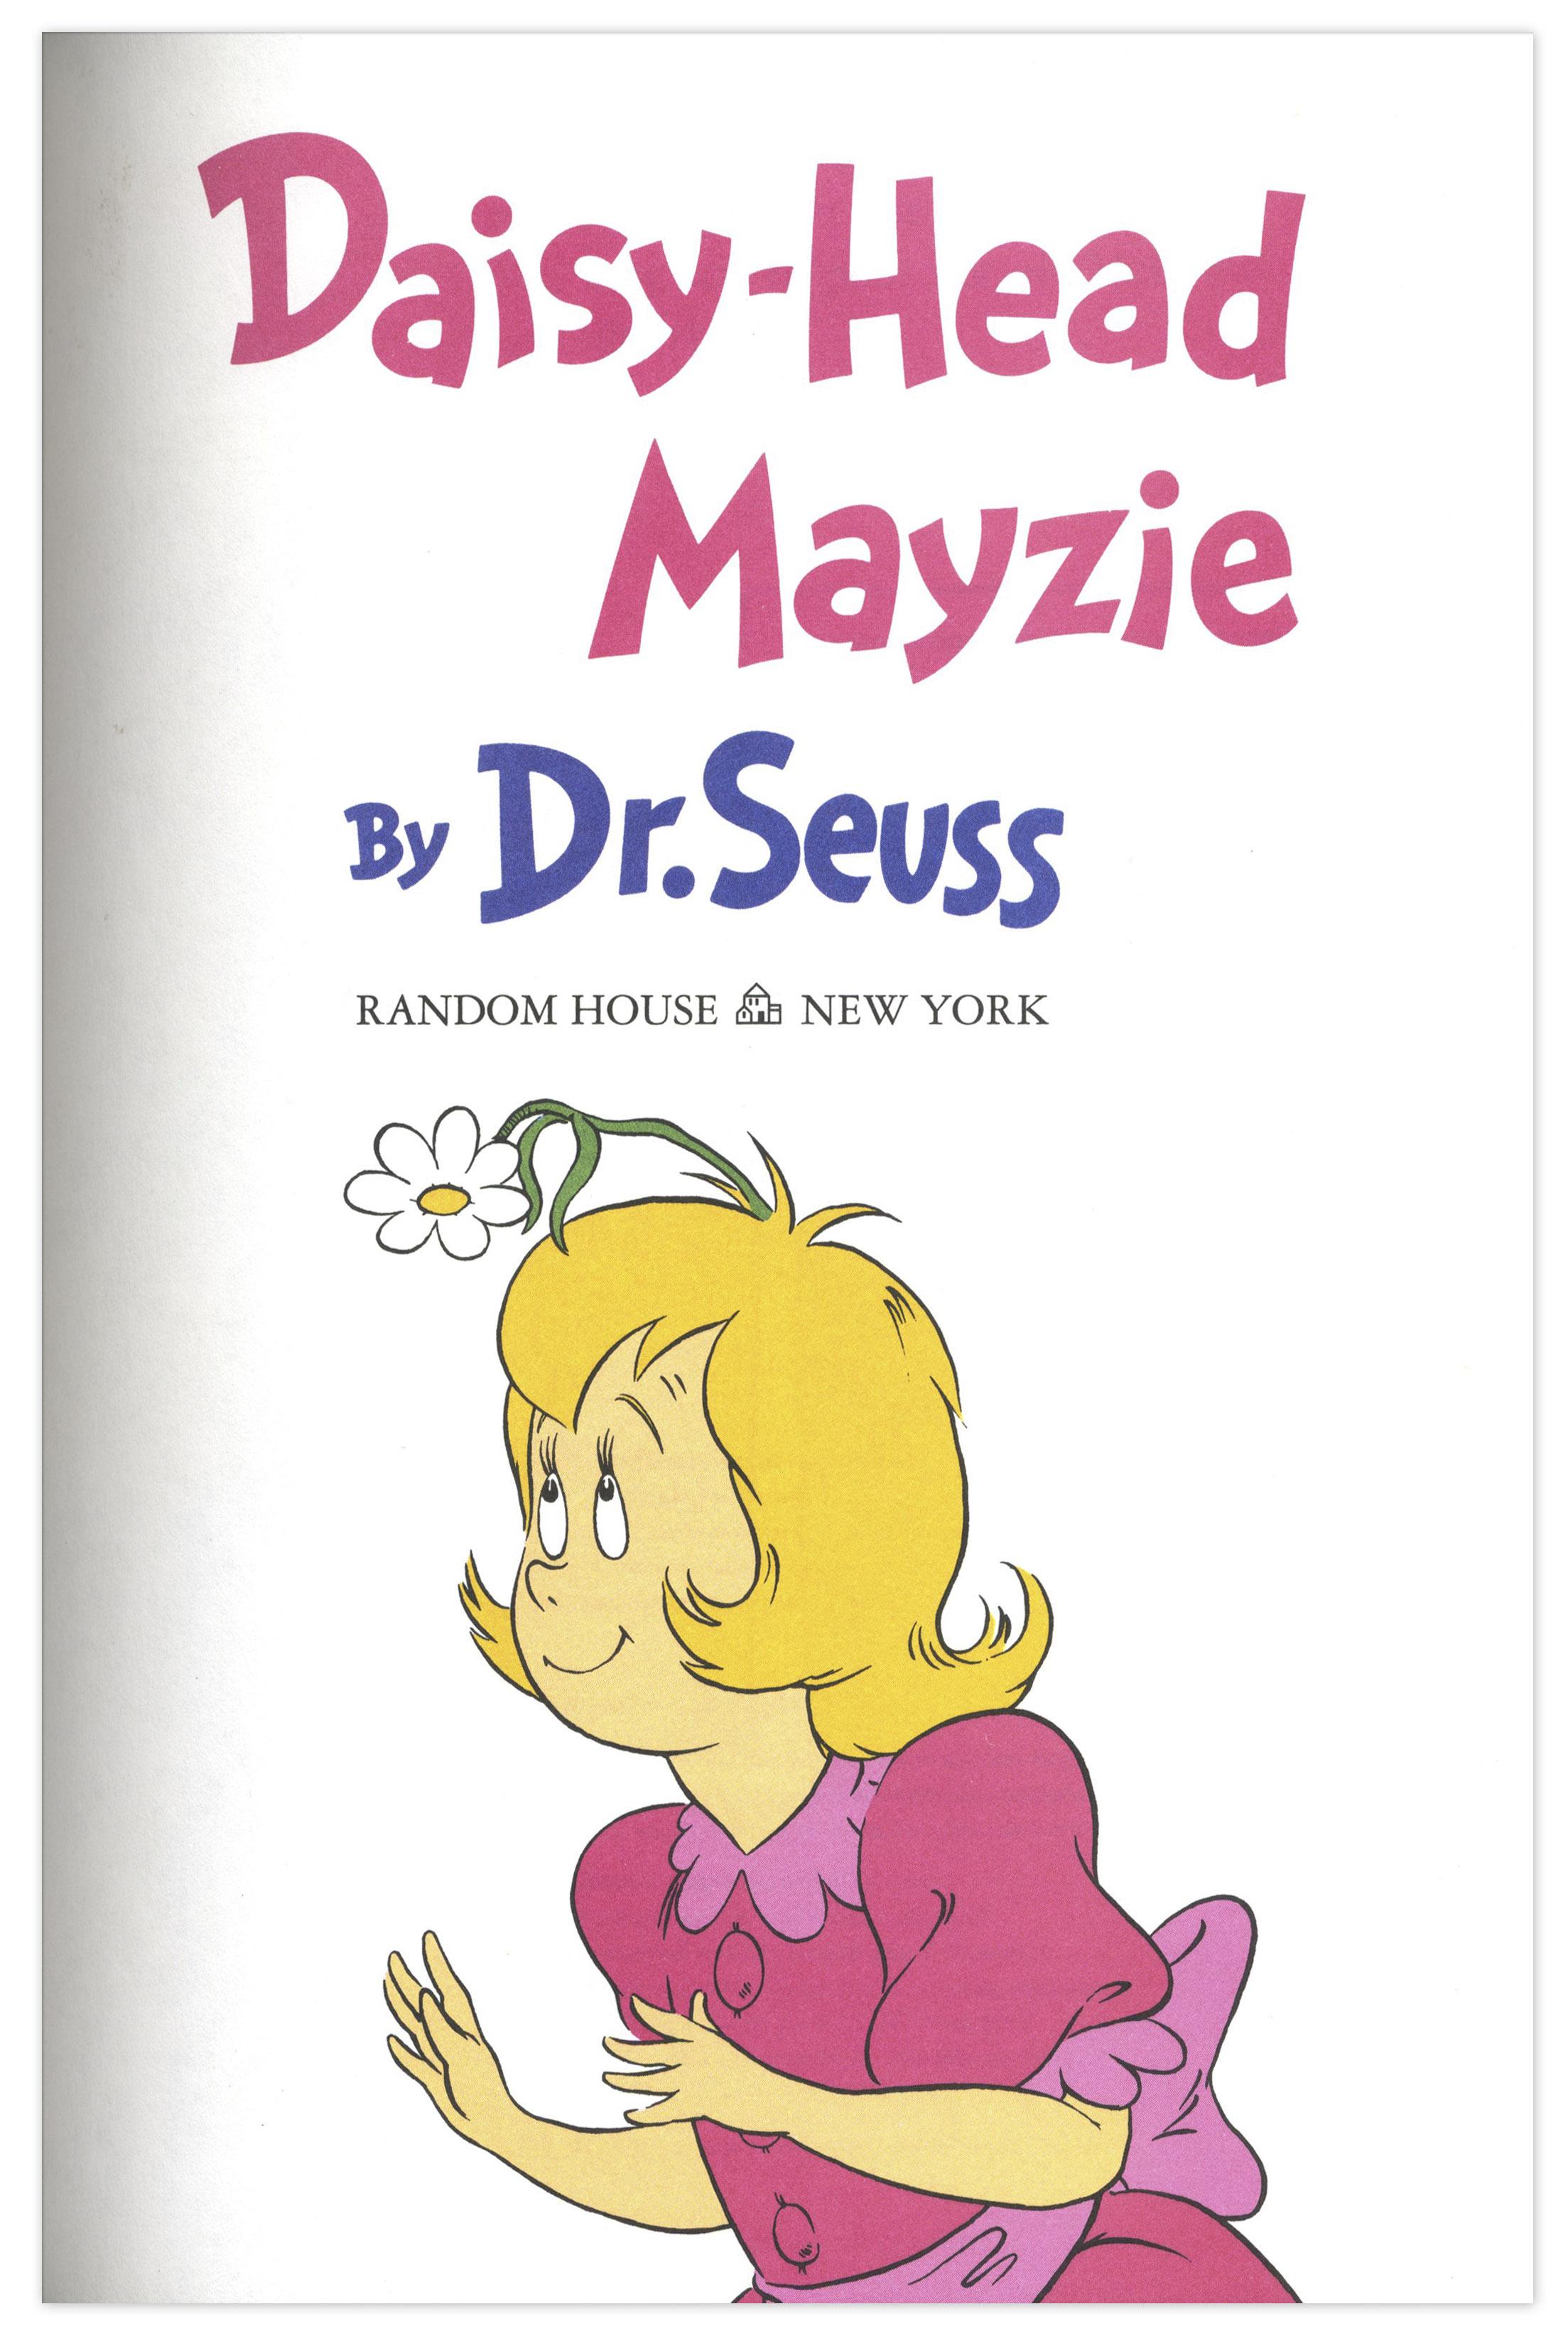 Daisy Head Mayzie Lot detail - dr. seuss '' daisy - head mayzie ...